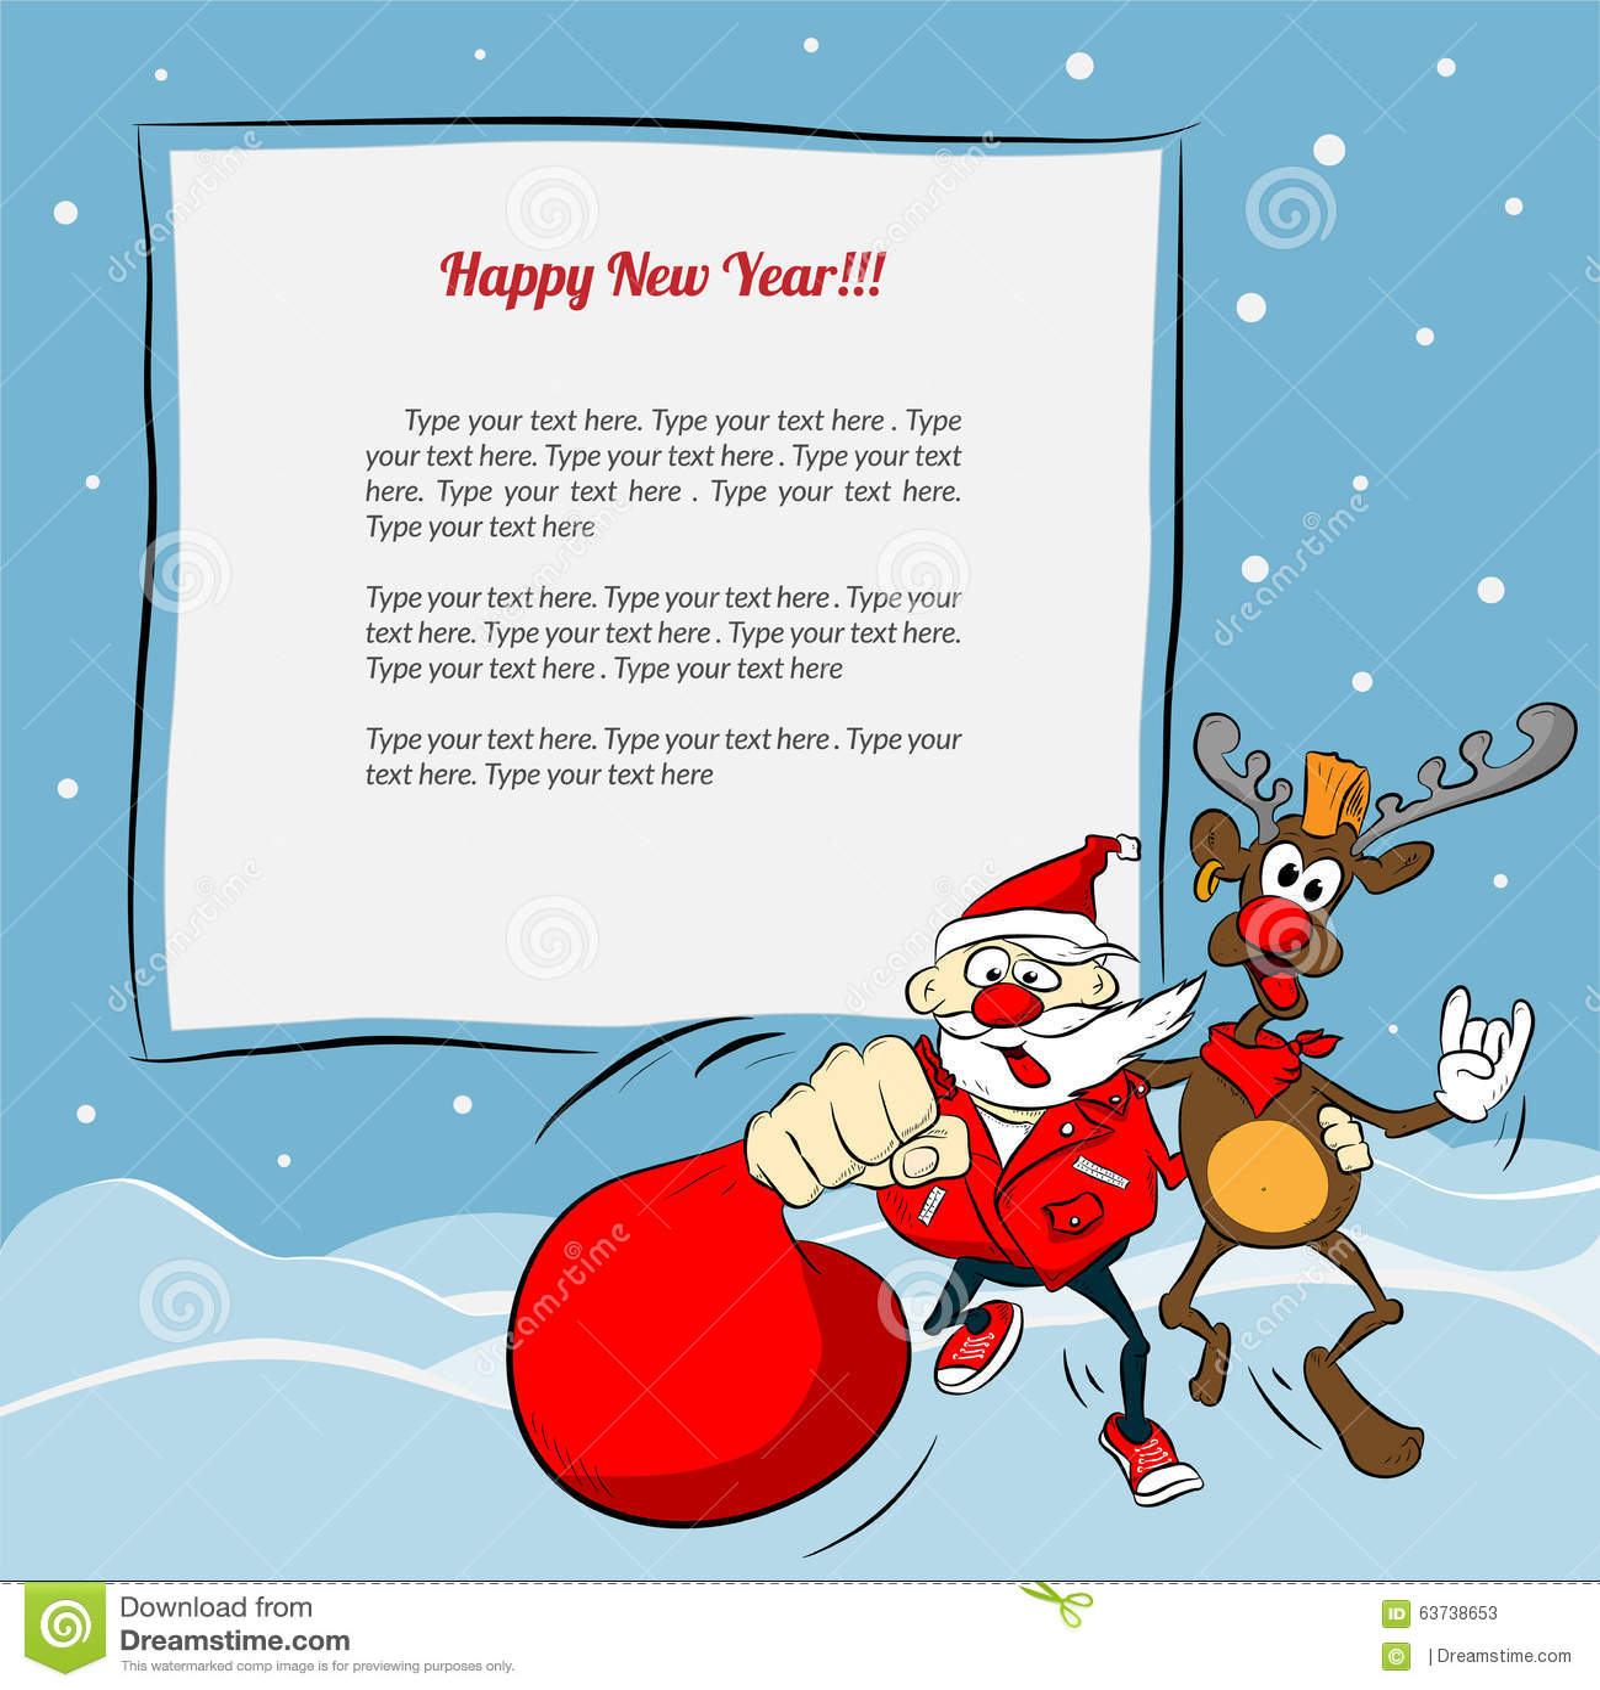 Immagini Simpatiche Babbo Natale.Il Babbo Natale E Renna Divertenti Illustrazione Vettoriale